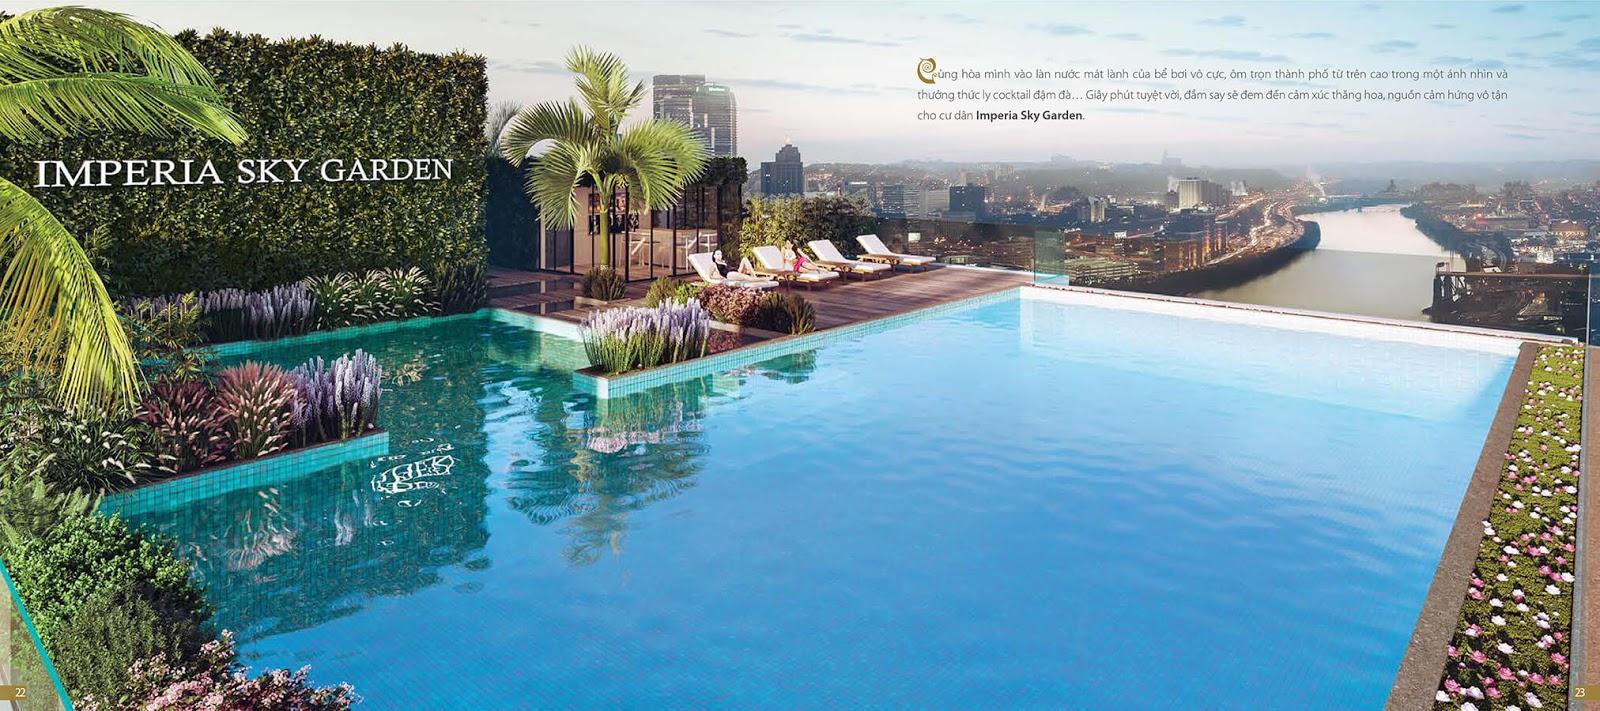 Bể bơi trên mây tại dự án chung cư Imperia Sky Garden Minh Khai